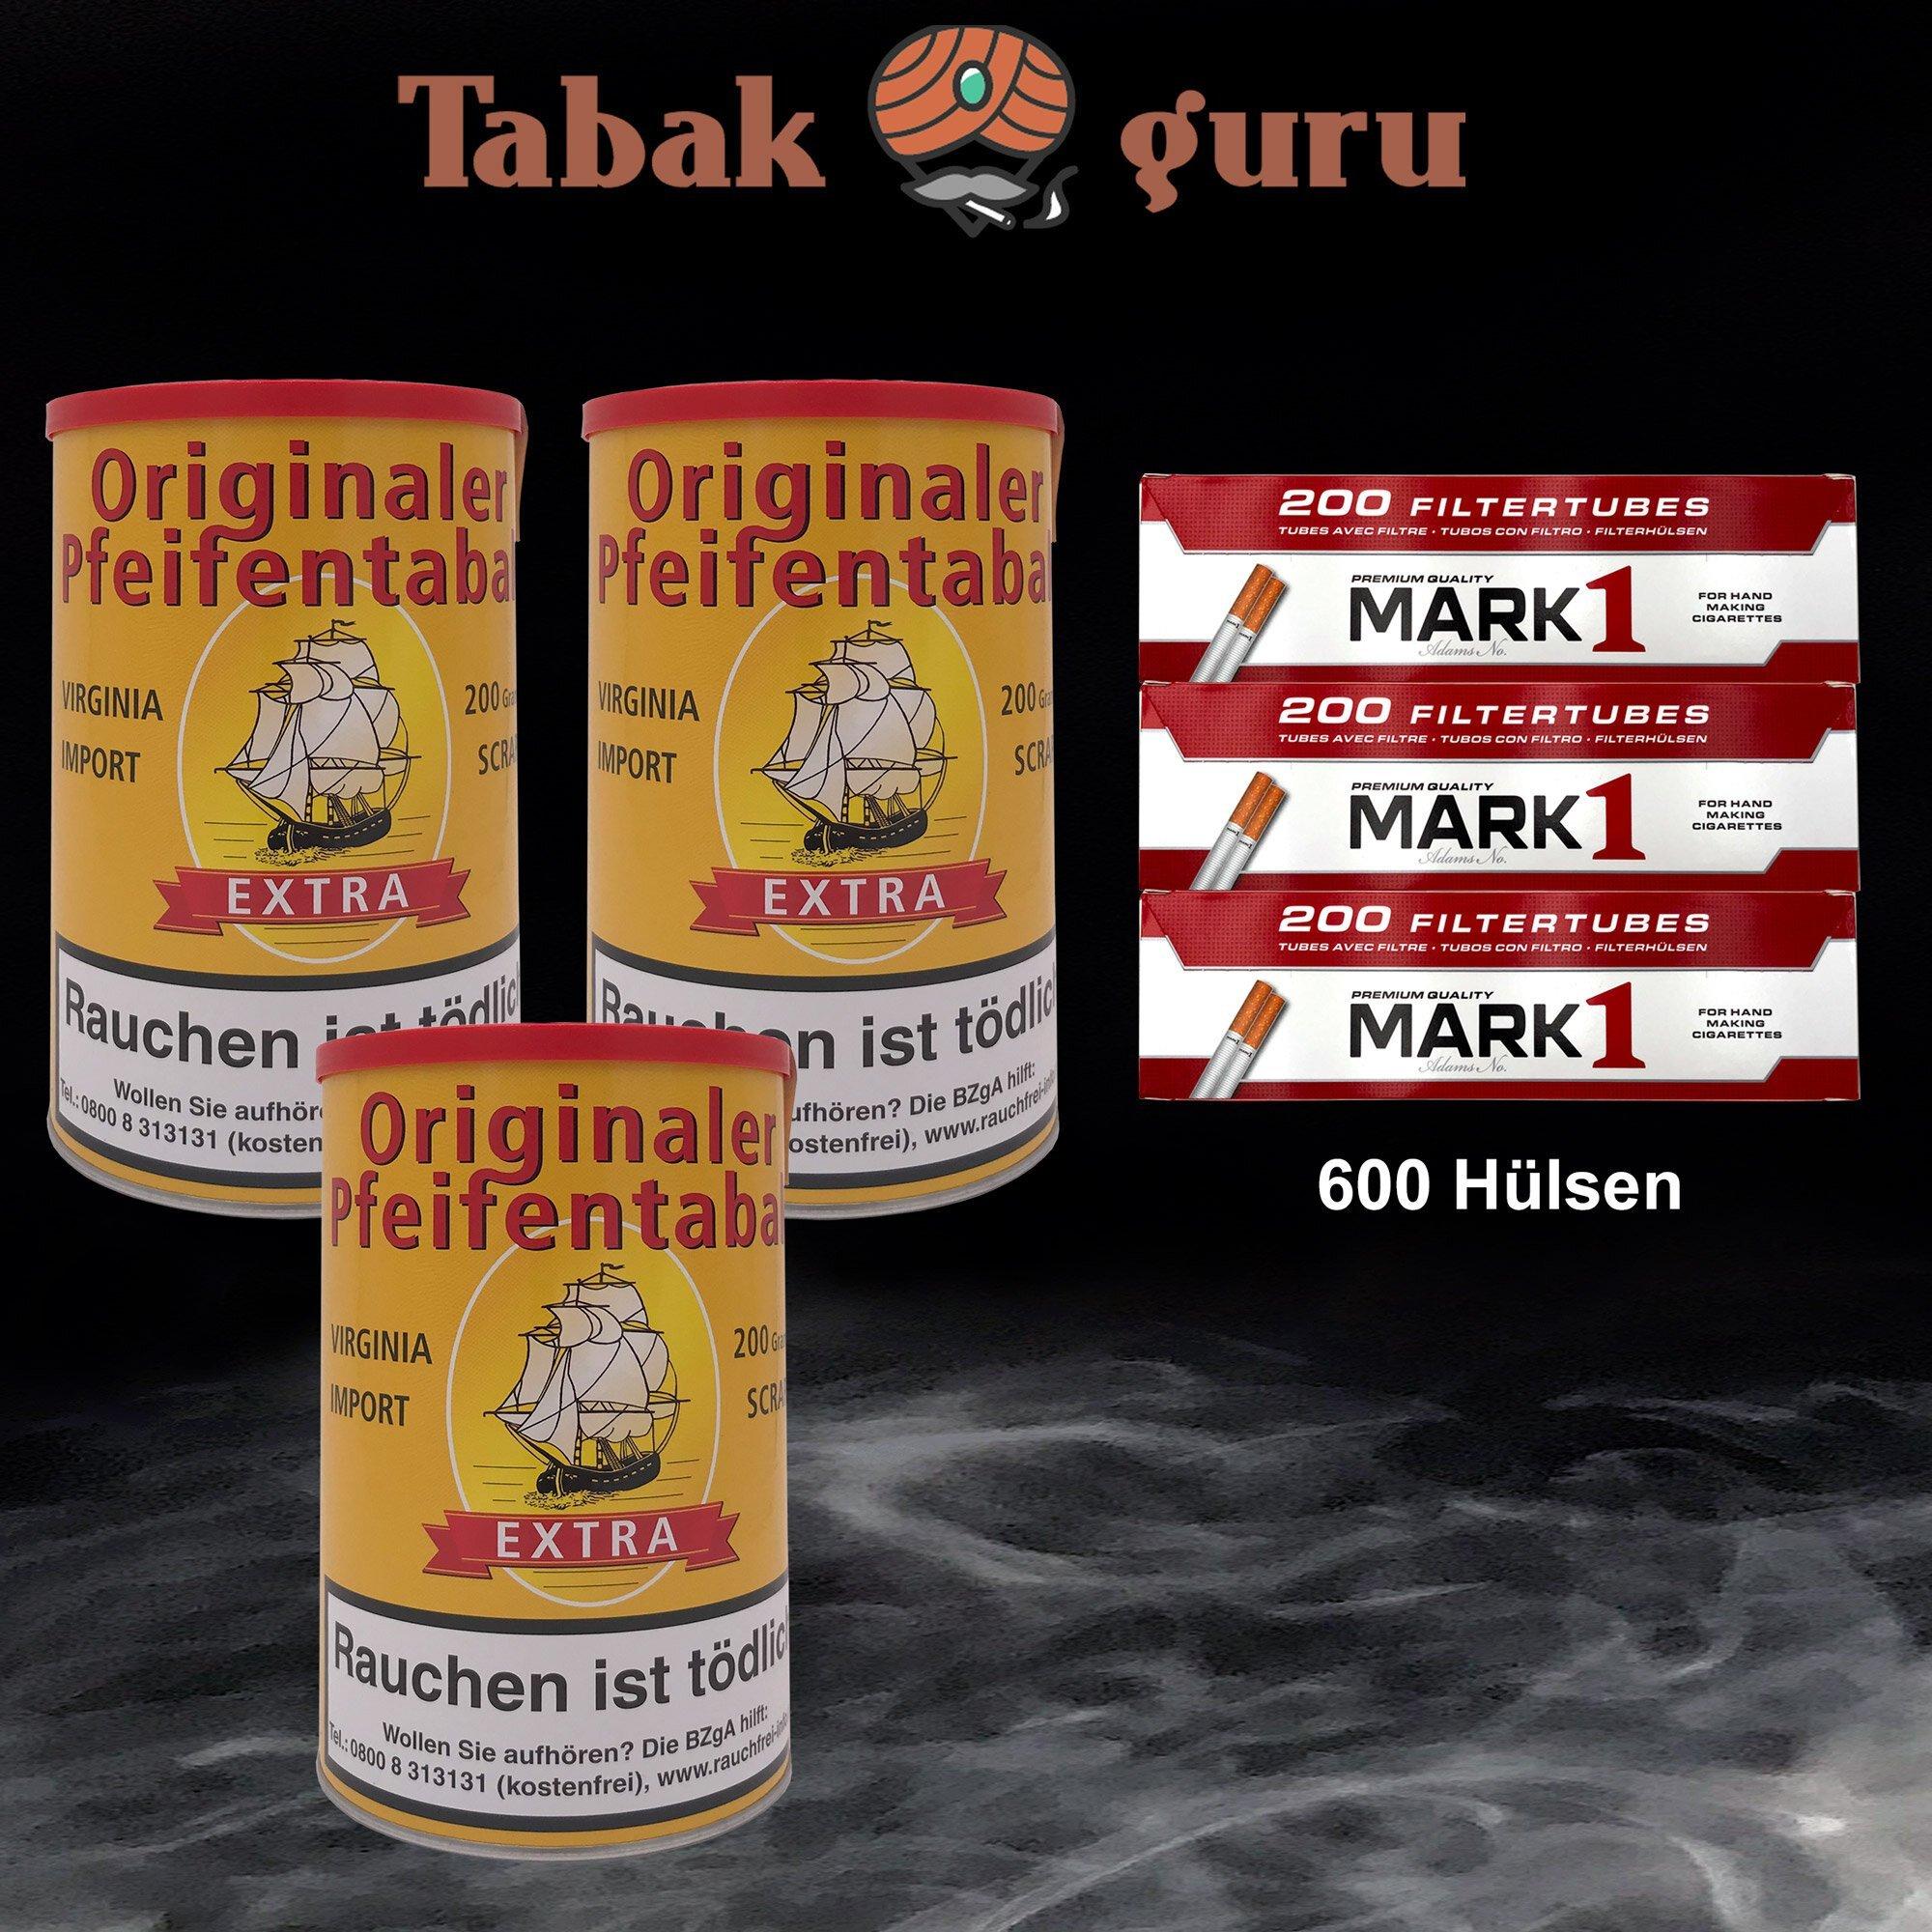 3 x Originaler Pfeifentabak Extra á 200g + 600 Mark1 Hülsen